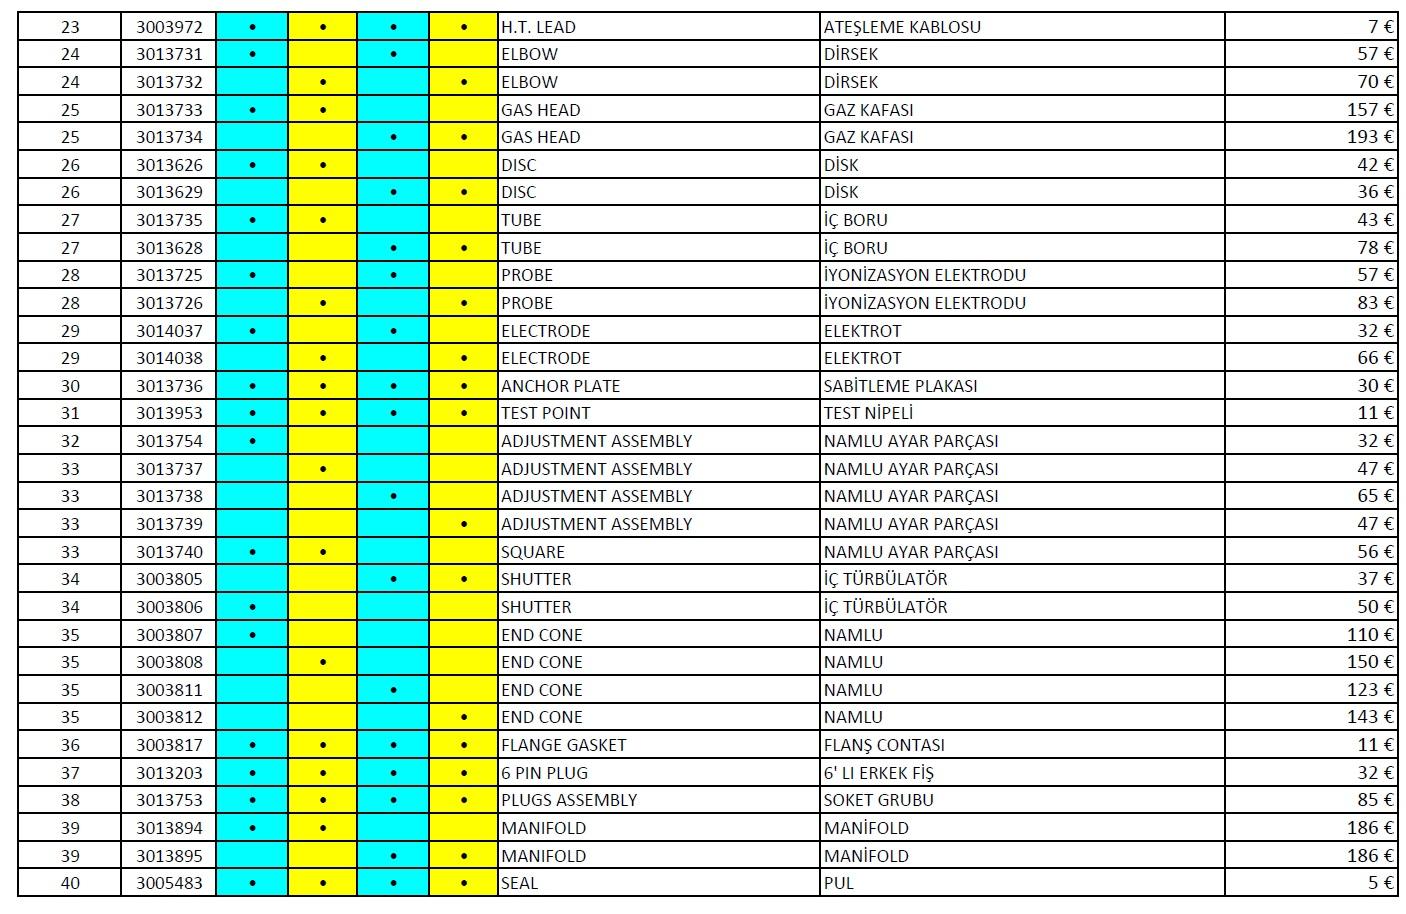 Riello RS 34-44 Gaz brulor parça listesi